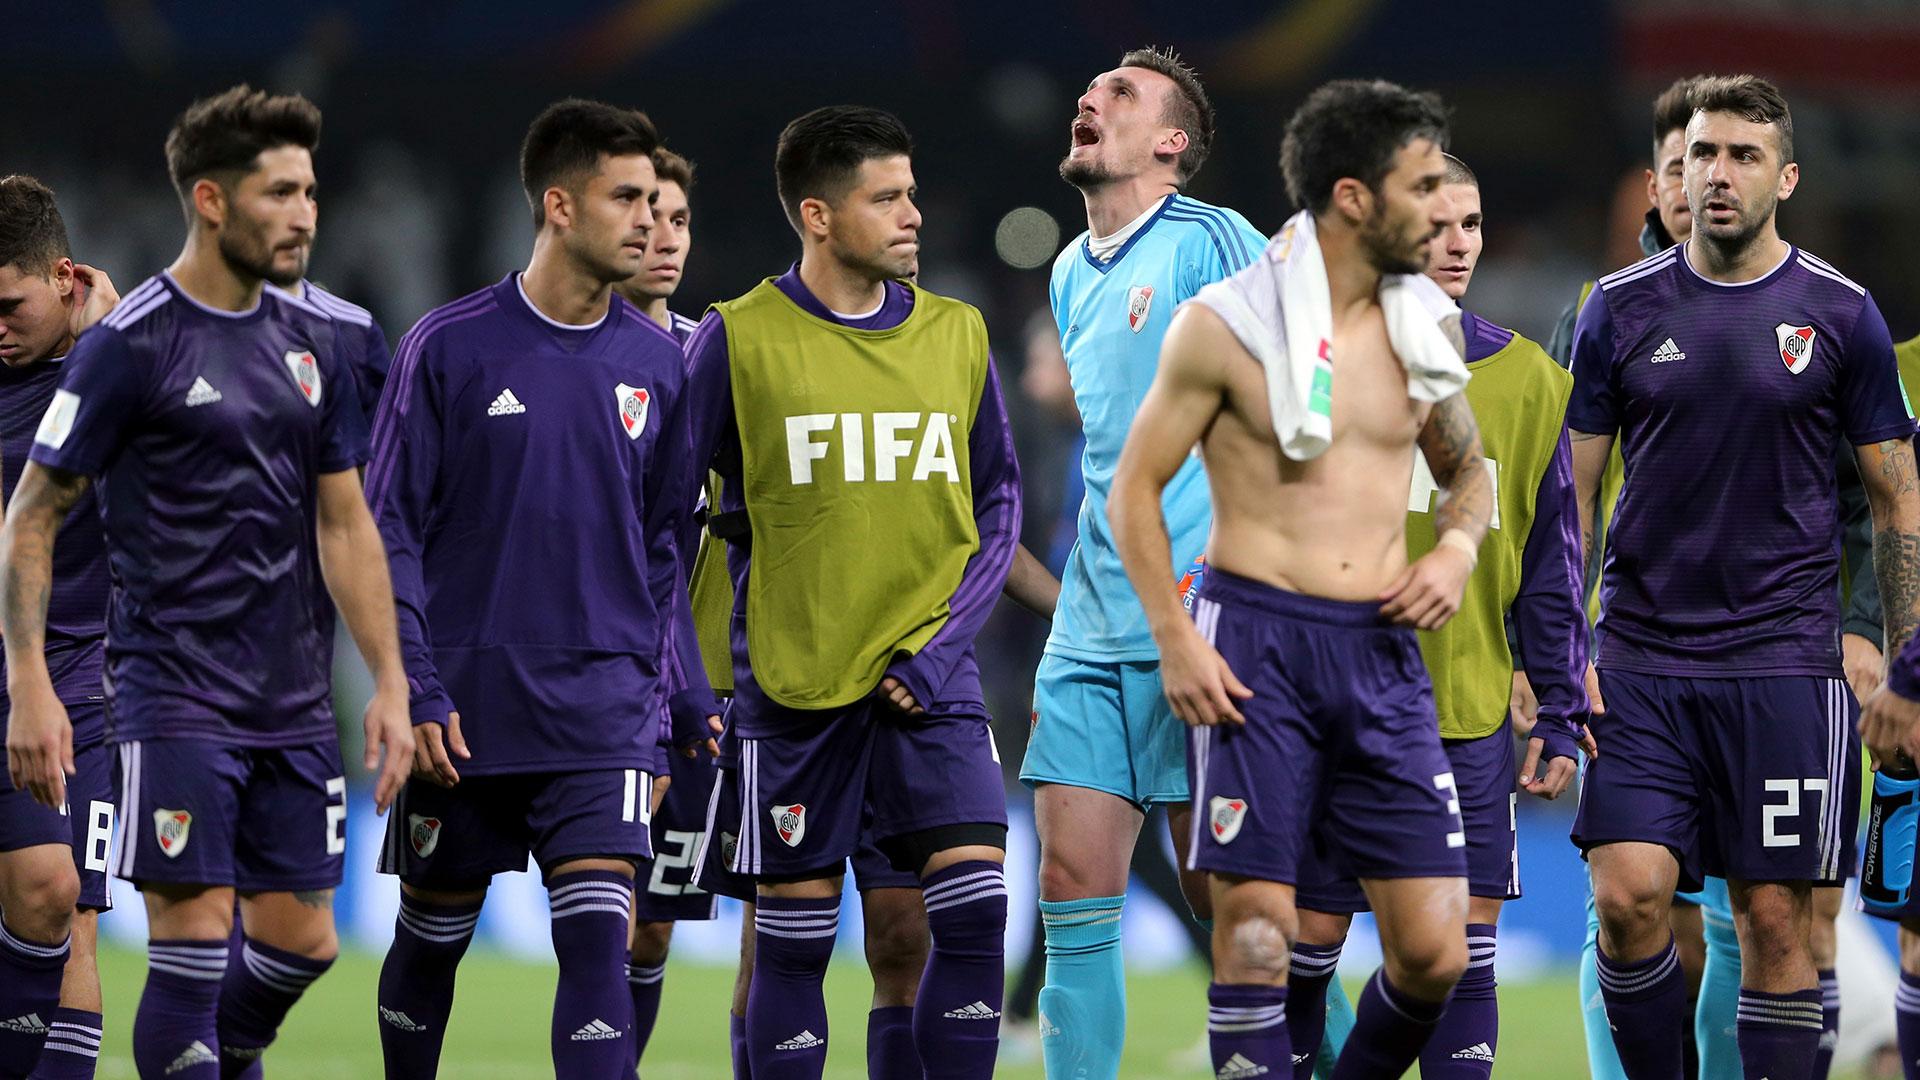 River se transformó en el primer equipo argentino que no accede a la final del Mundial de Clubes y el cuarto sudamericano que sucumbe en la semifinal